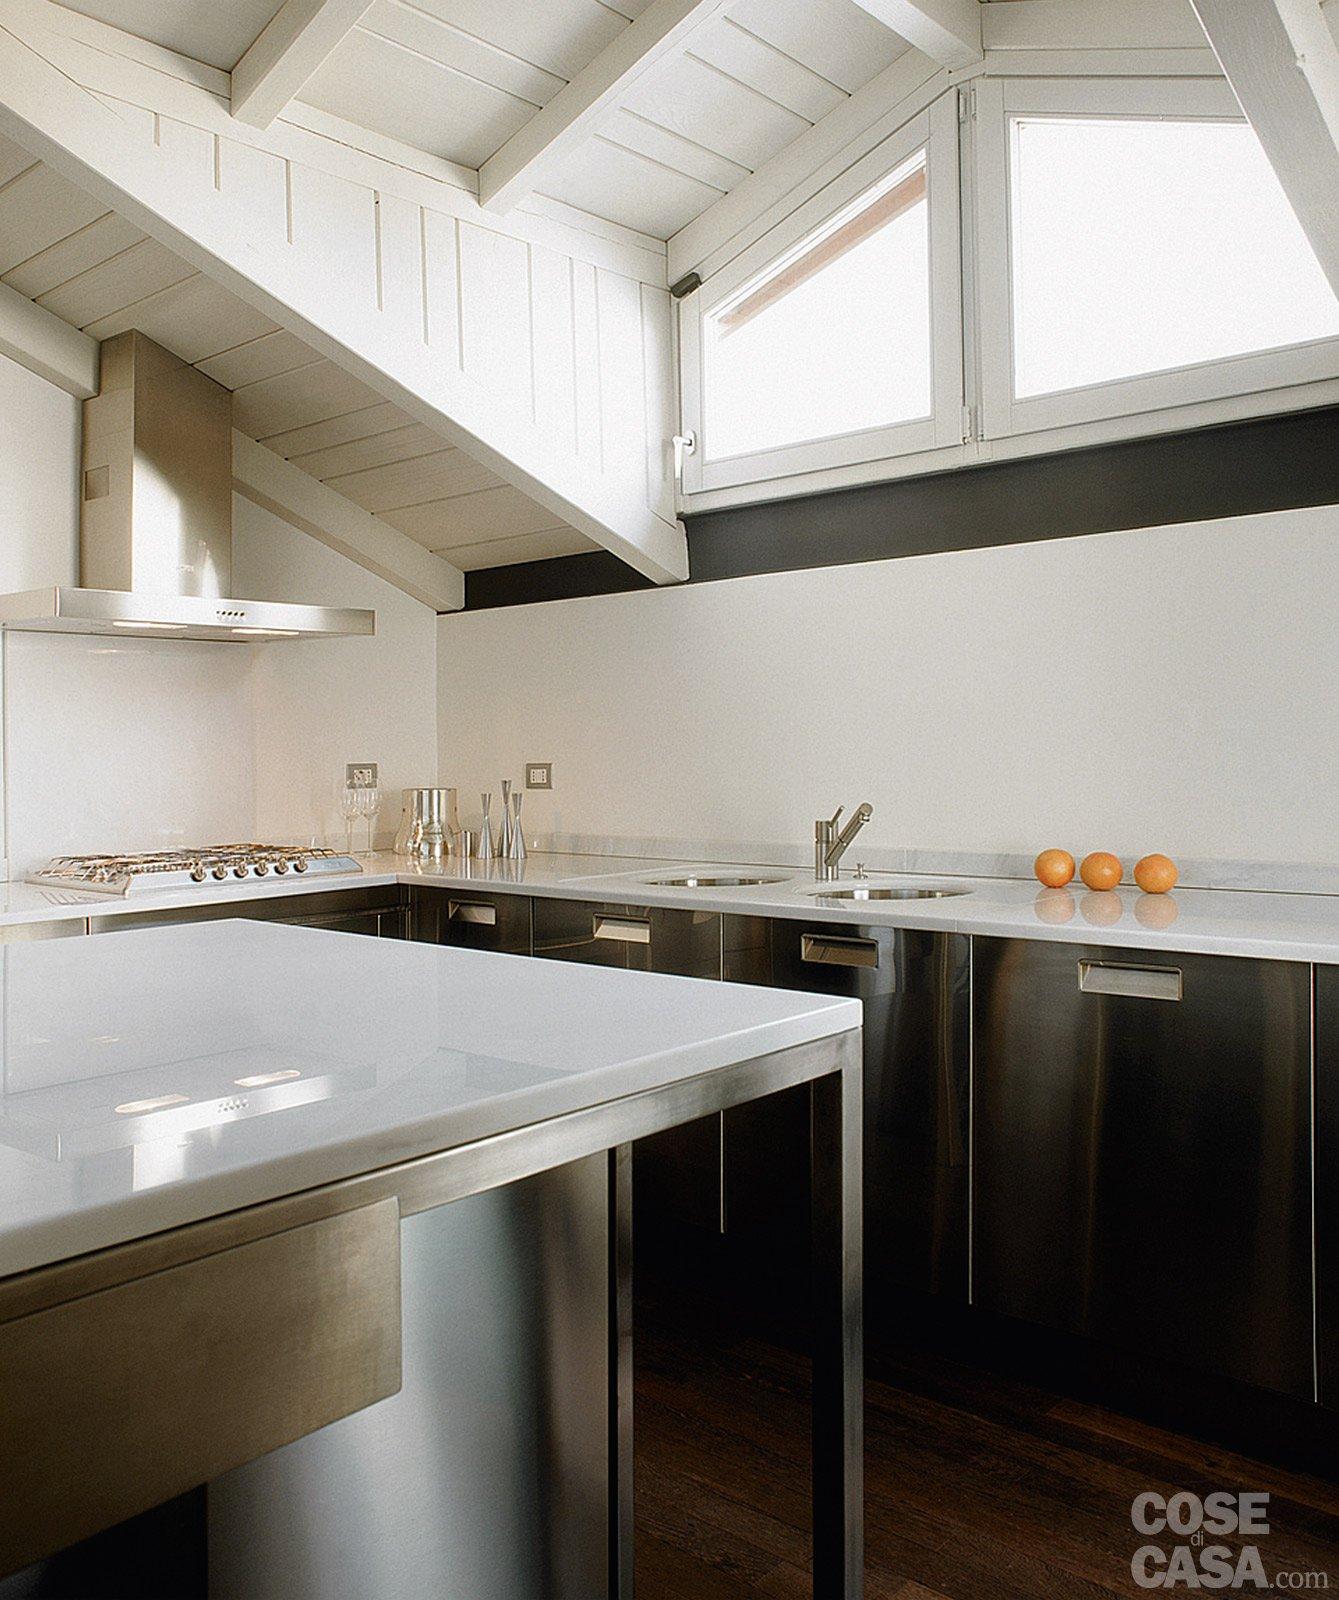 La casa triplica con il recupero del sottotetto cose di casa - Immagini di cucina ...